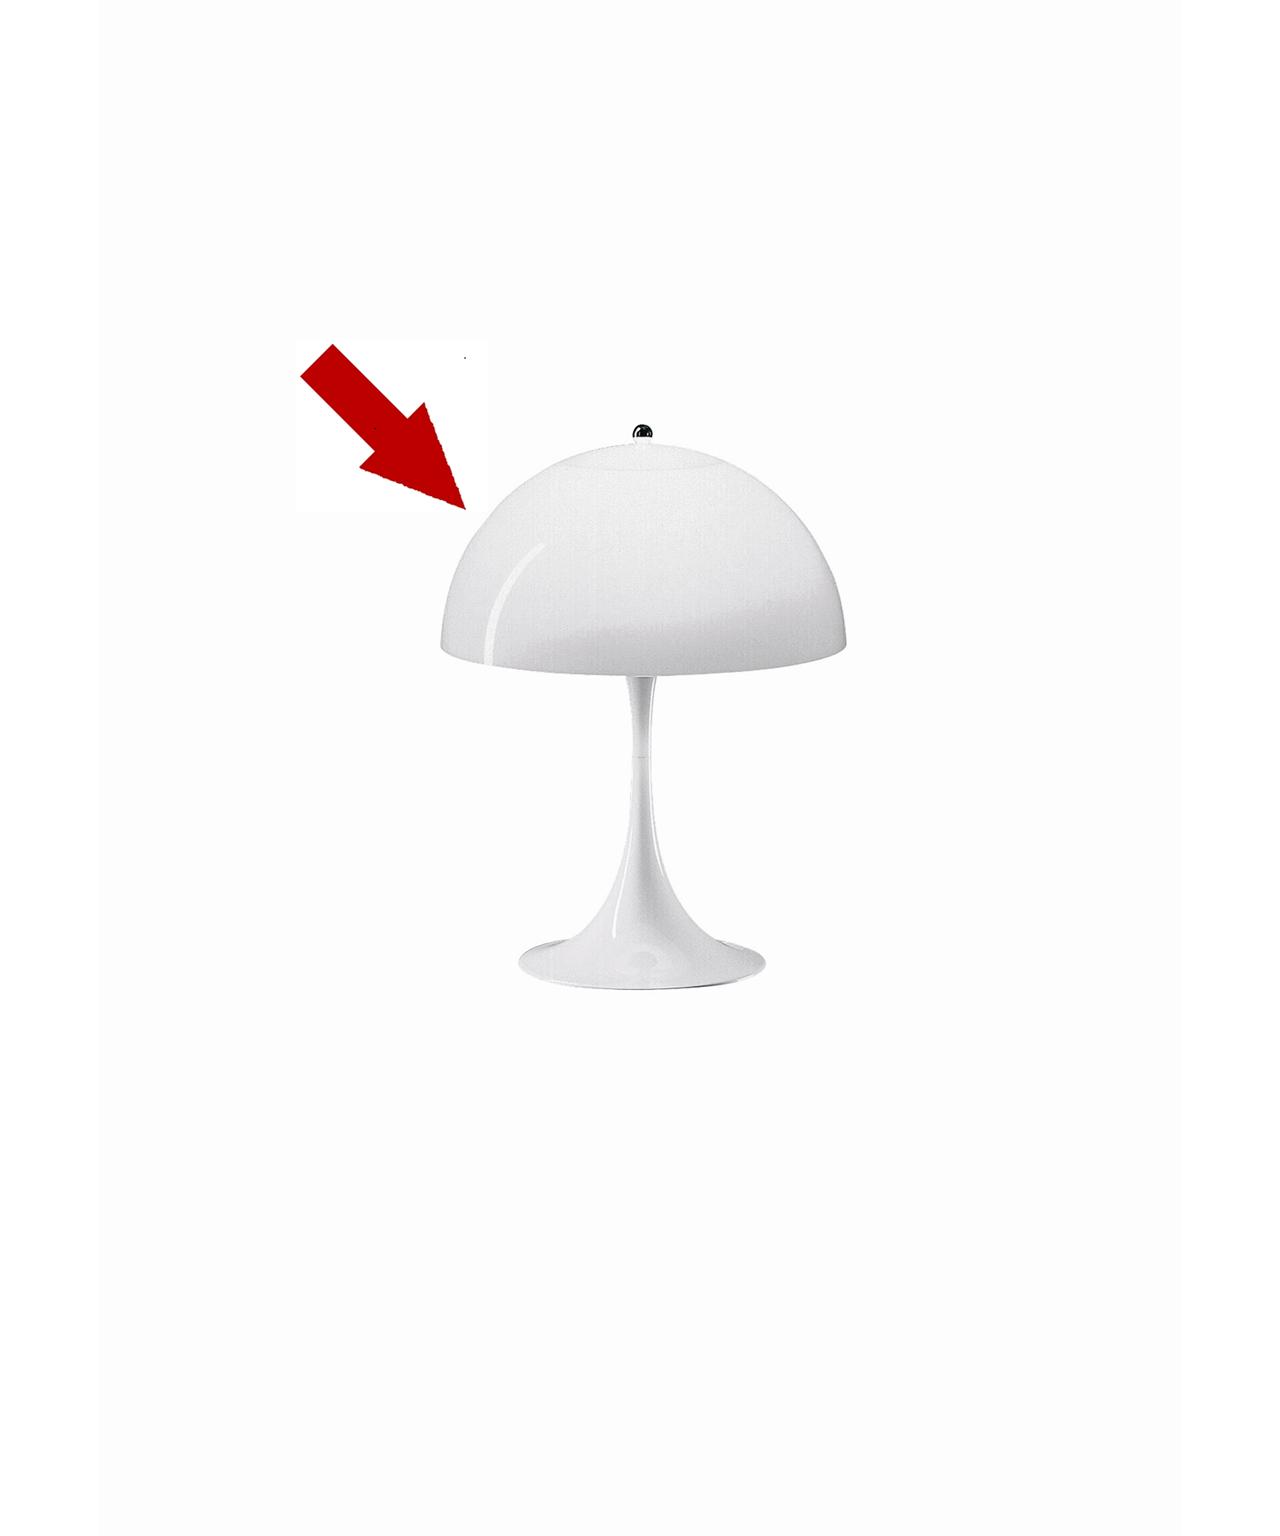 DesignVerner Pantonfor Louis PoulsenKonceptEr kuplen smadret så er det godt at vi har nye skærme på lager.Skærm til den klassiske Panthella bordlampe, designet af Verner Panton.Panthella Bord har en organisk og afbalanceret form. Panthella Bord giver et diffust og behageligt lys.Se de forskellige lamper fra Louis Poulsenher.